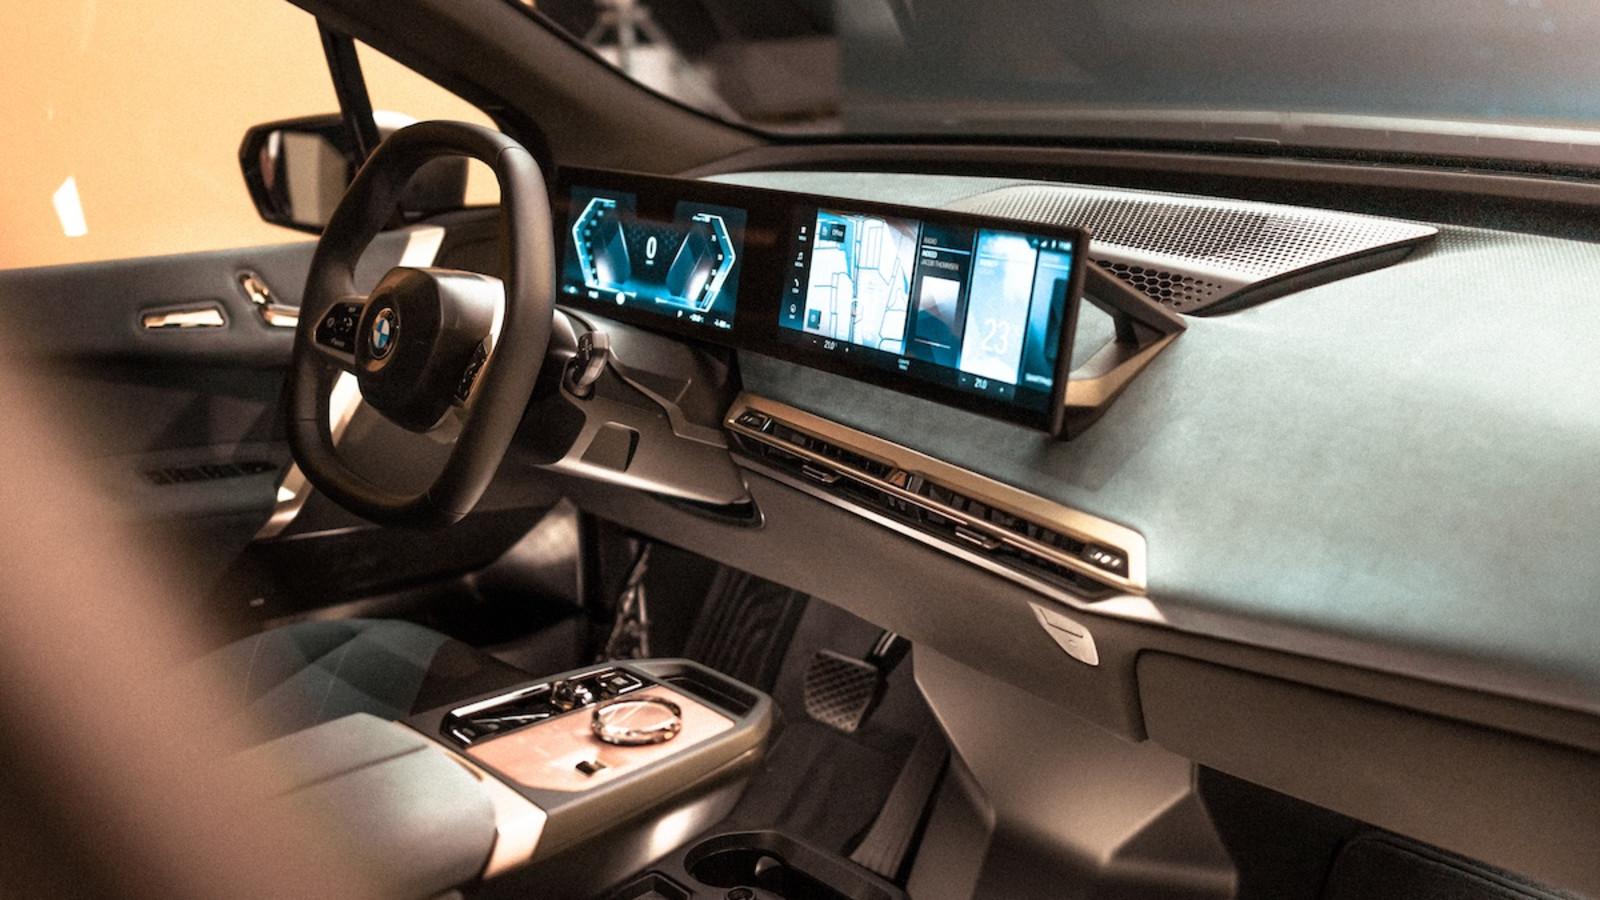 So sieht die neue Generation des BMW iDrive (2021) aus